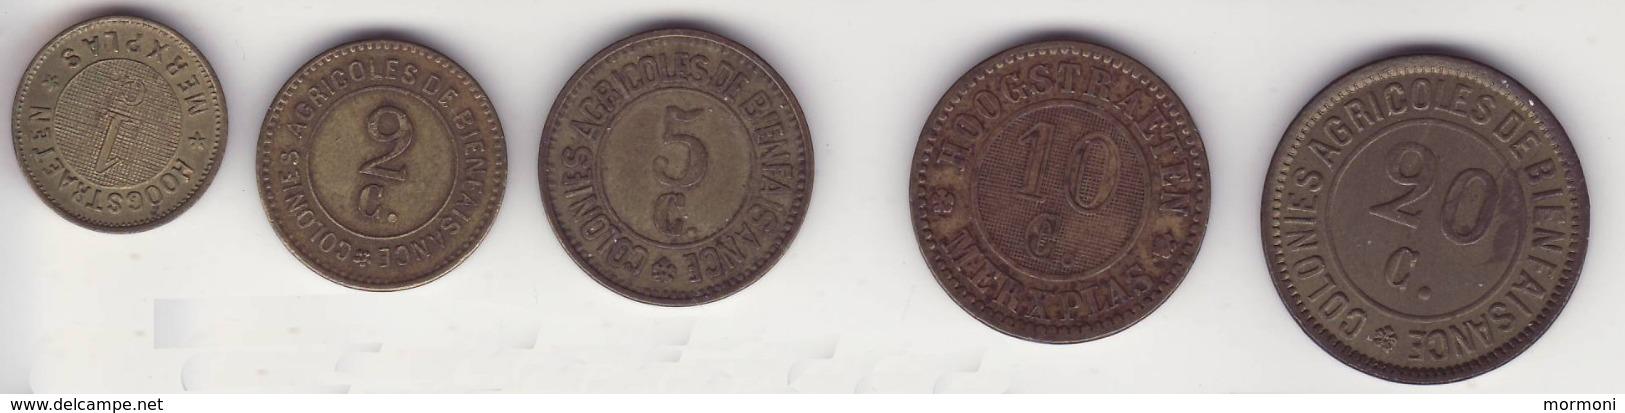 Belgique - Hoogstraten Merxplas - Prison - Colonie Agricole - 1, 2, 5, 10, 20 Cent. - Belgique